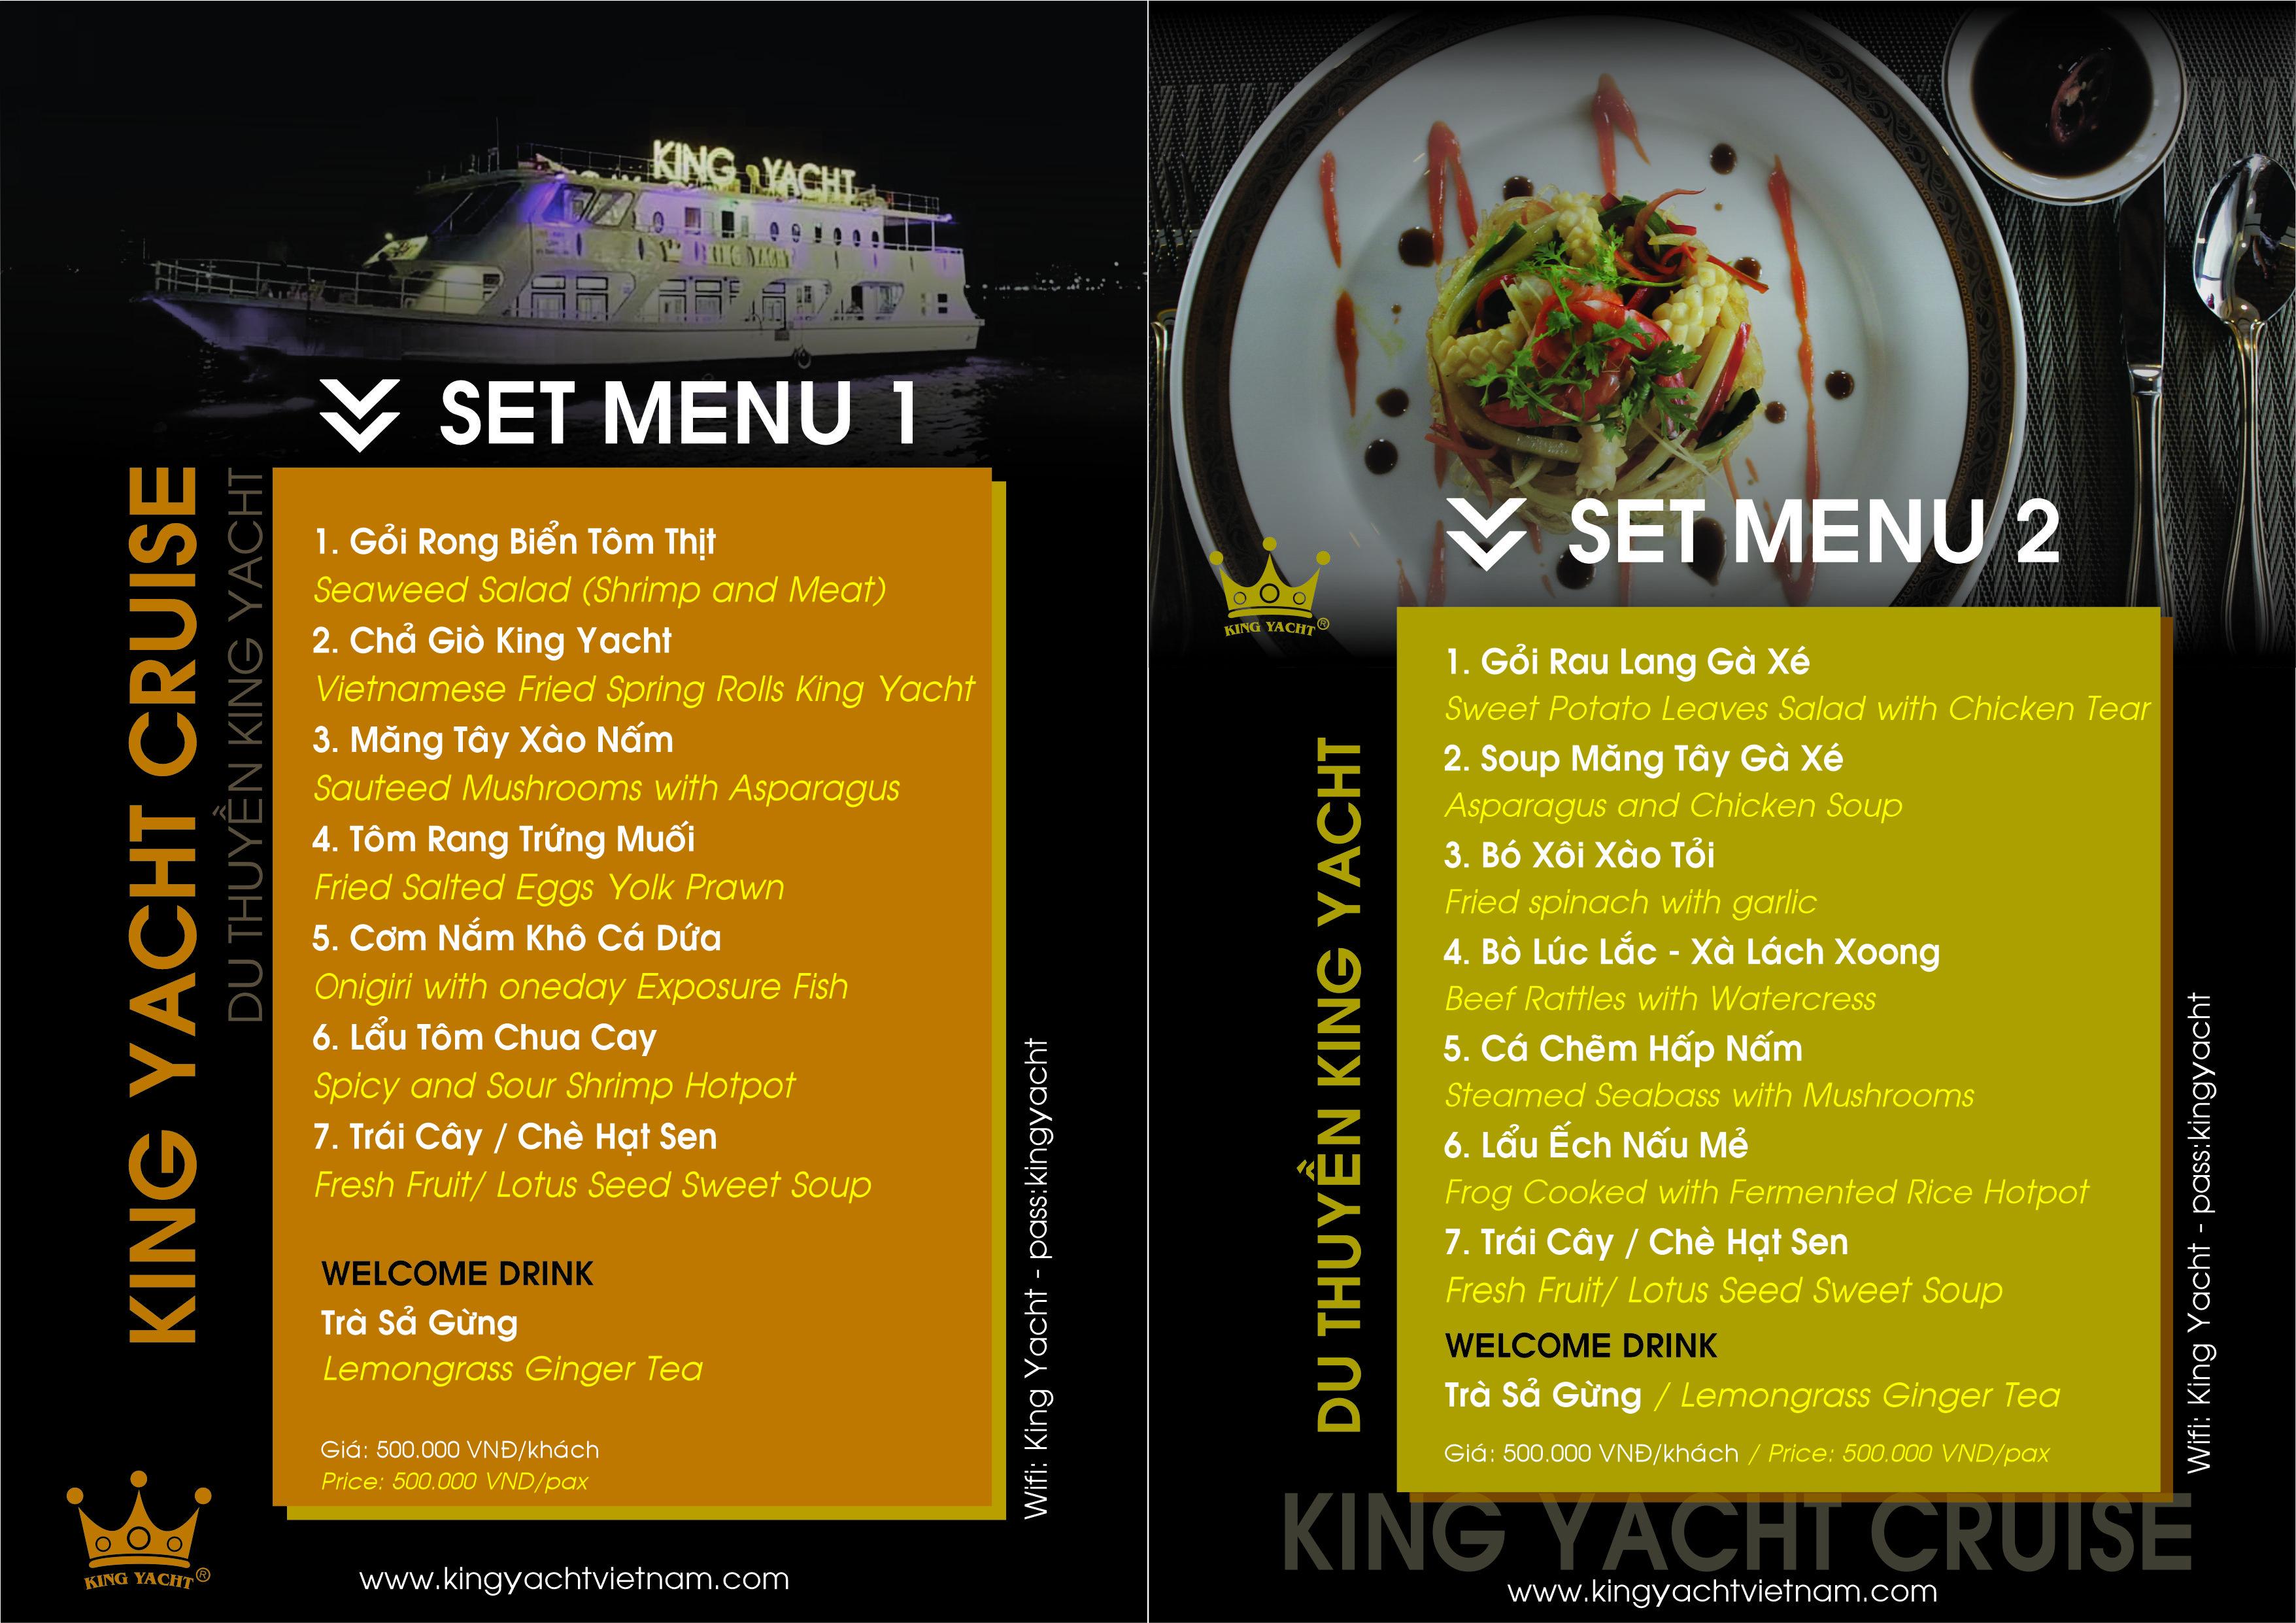 Set Menu 1 - 2 - Du thuyền King Yacht